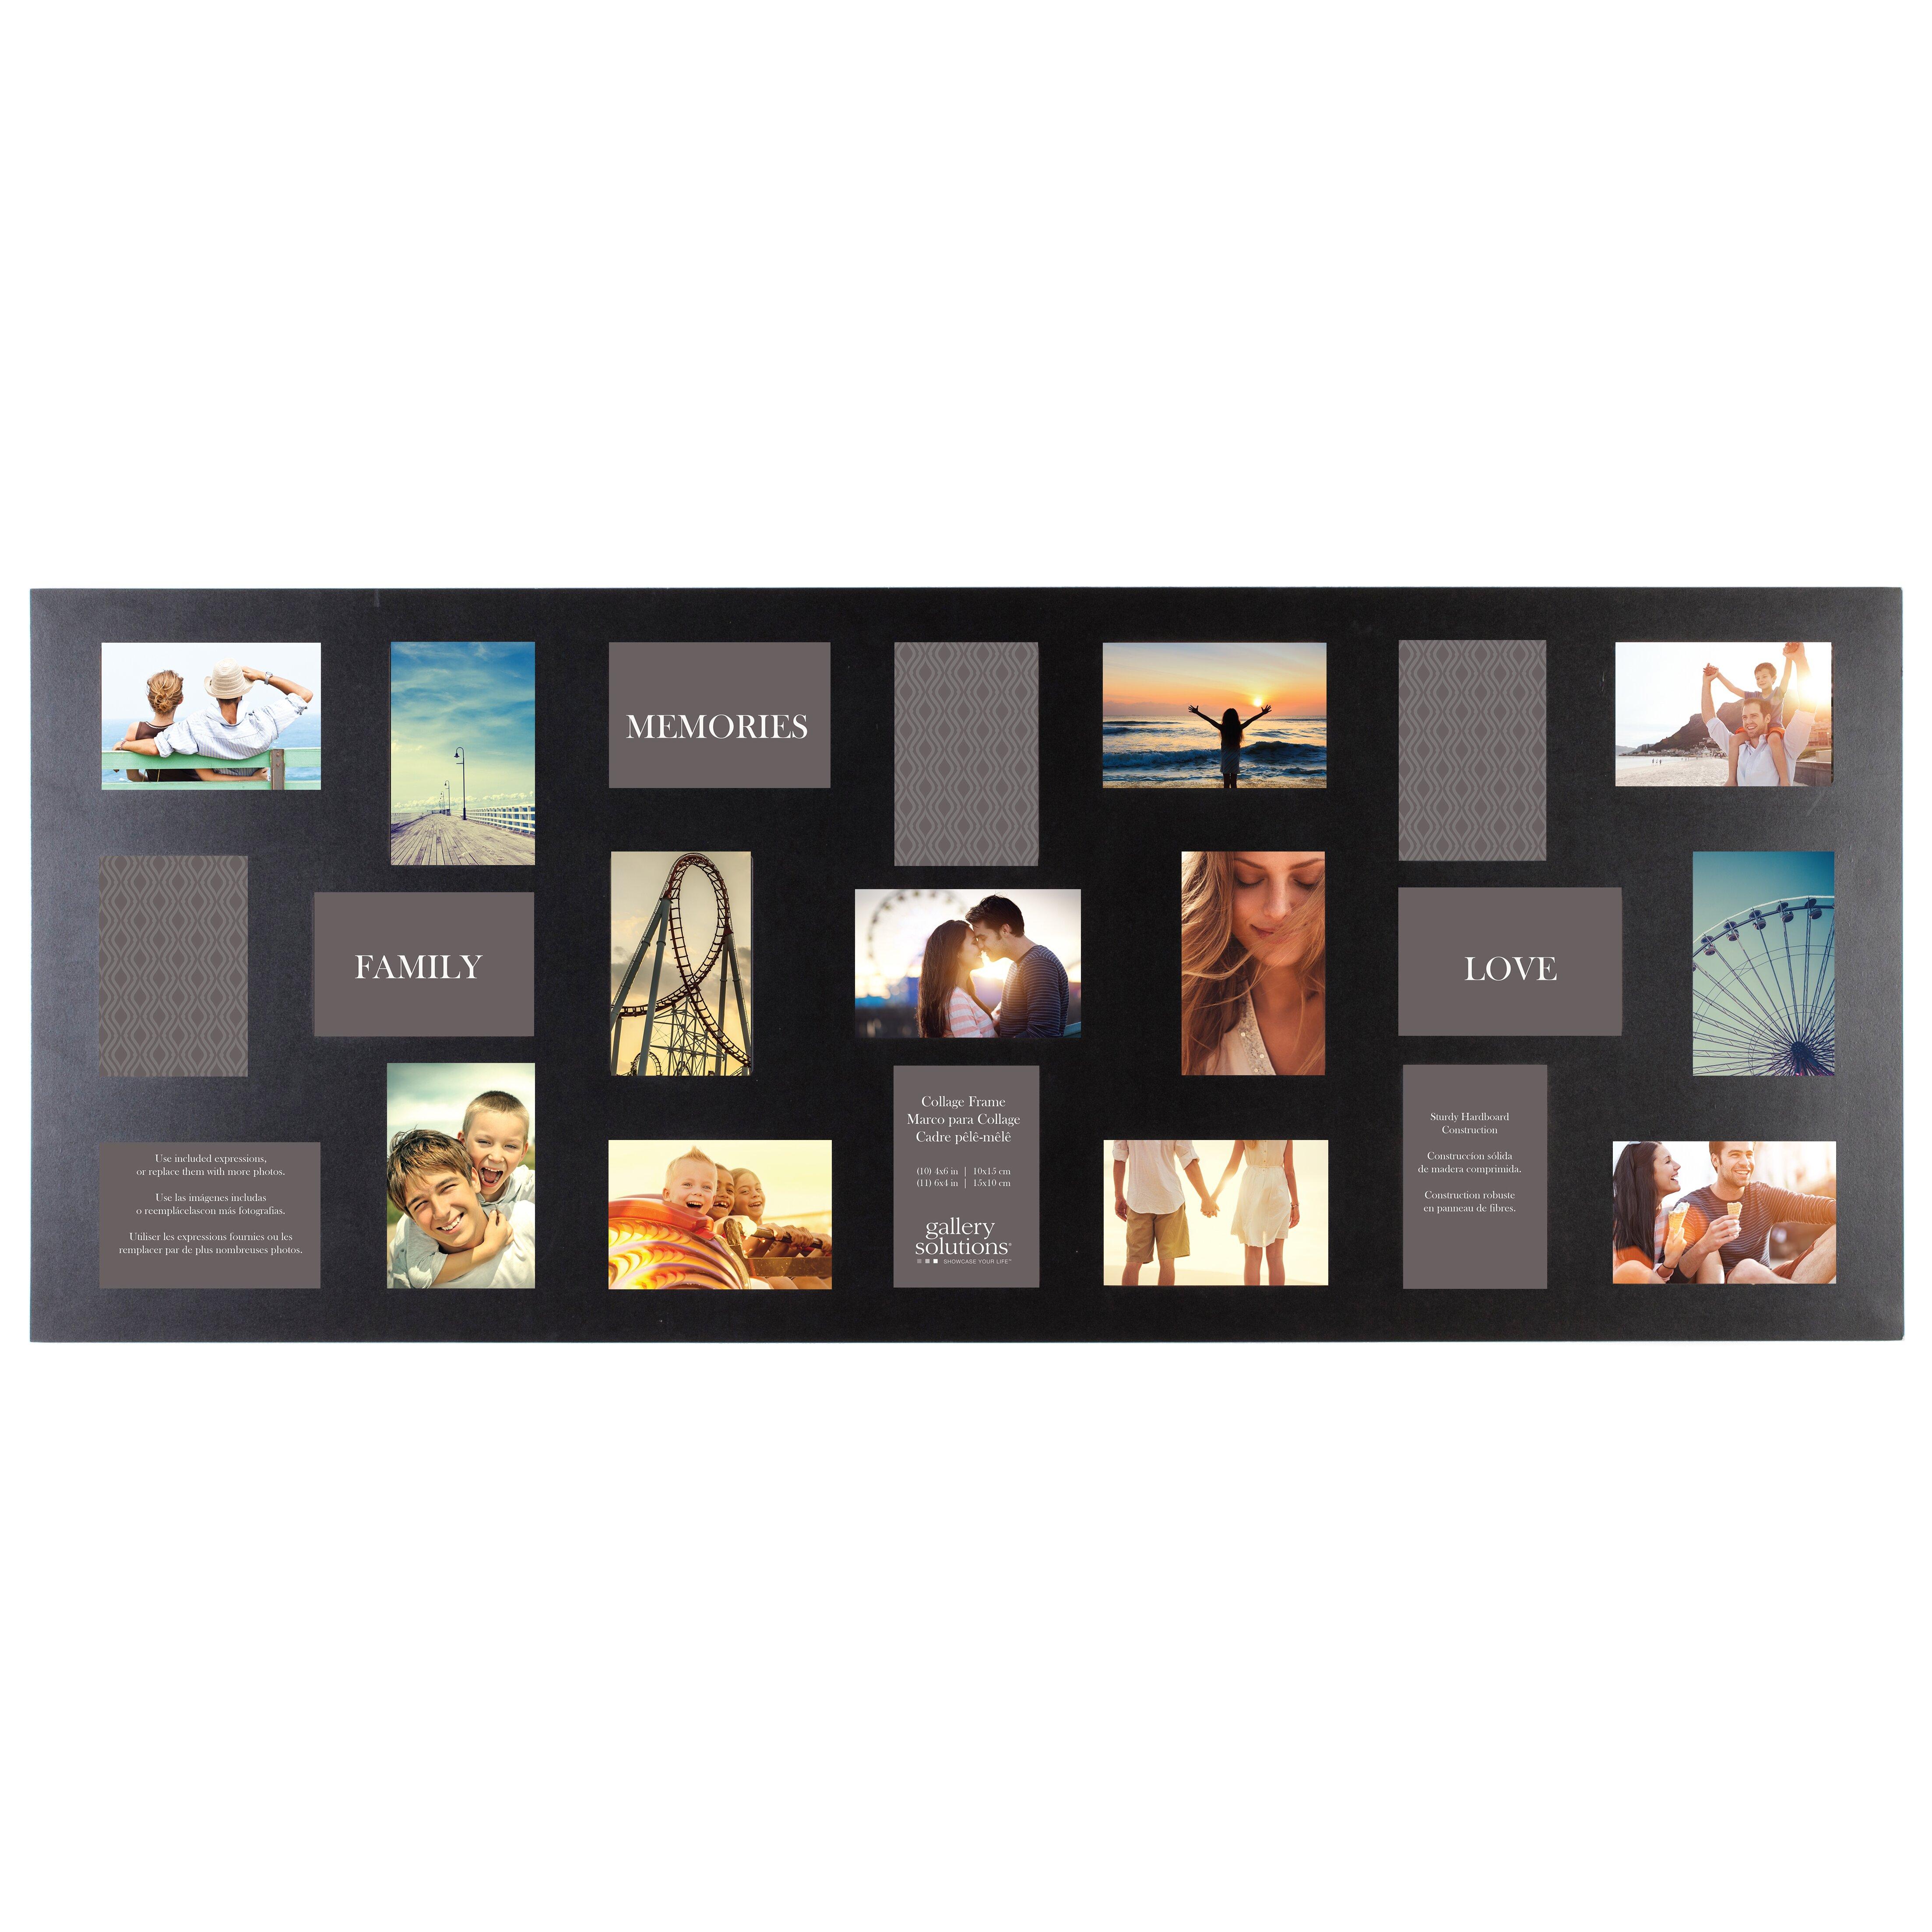 Nielsenbainbridge Gallery Solutions 21 Opening Collage